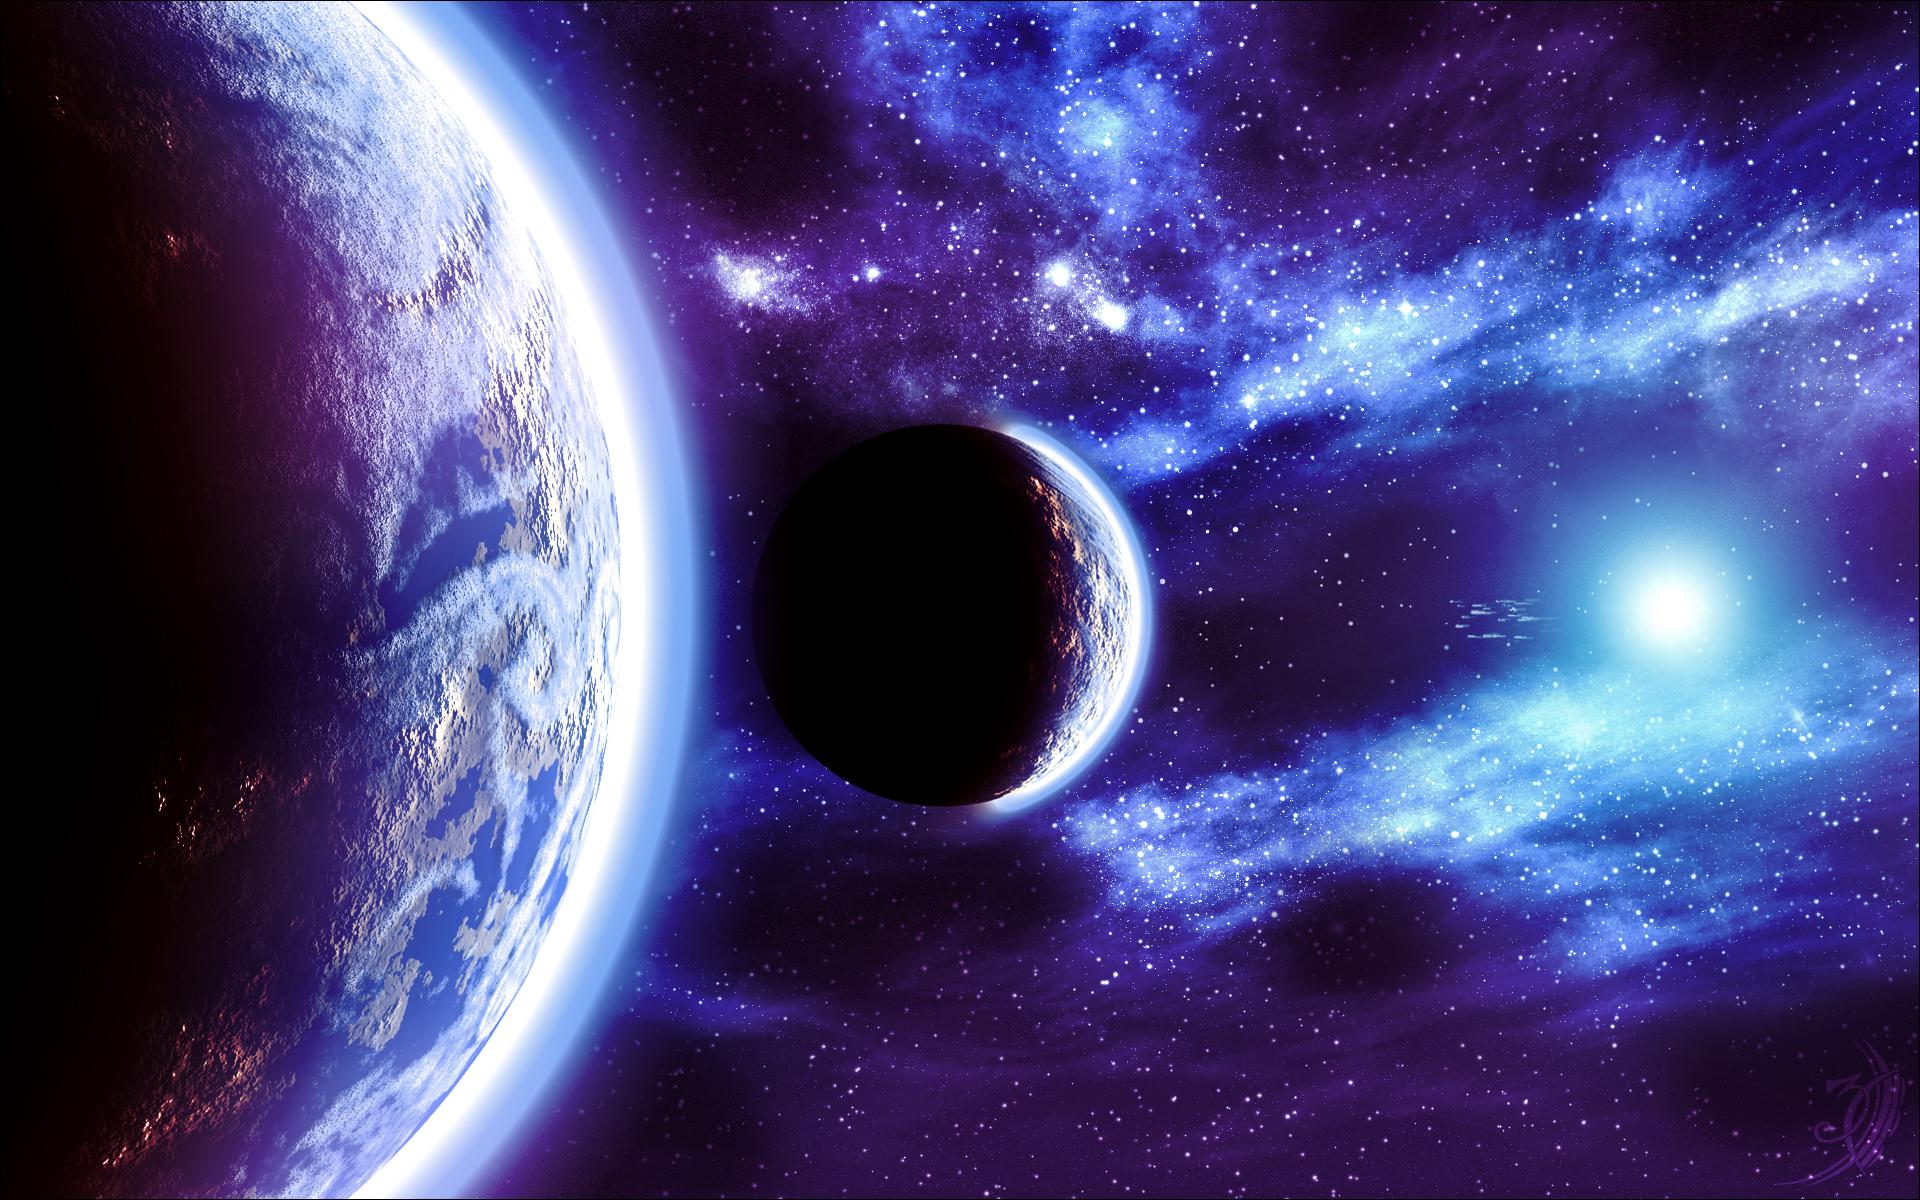 Tapety: Kosmos - Planety